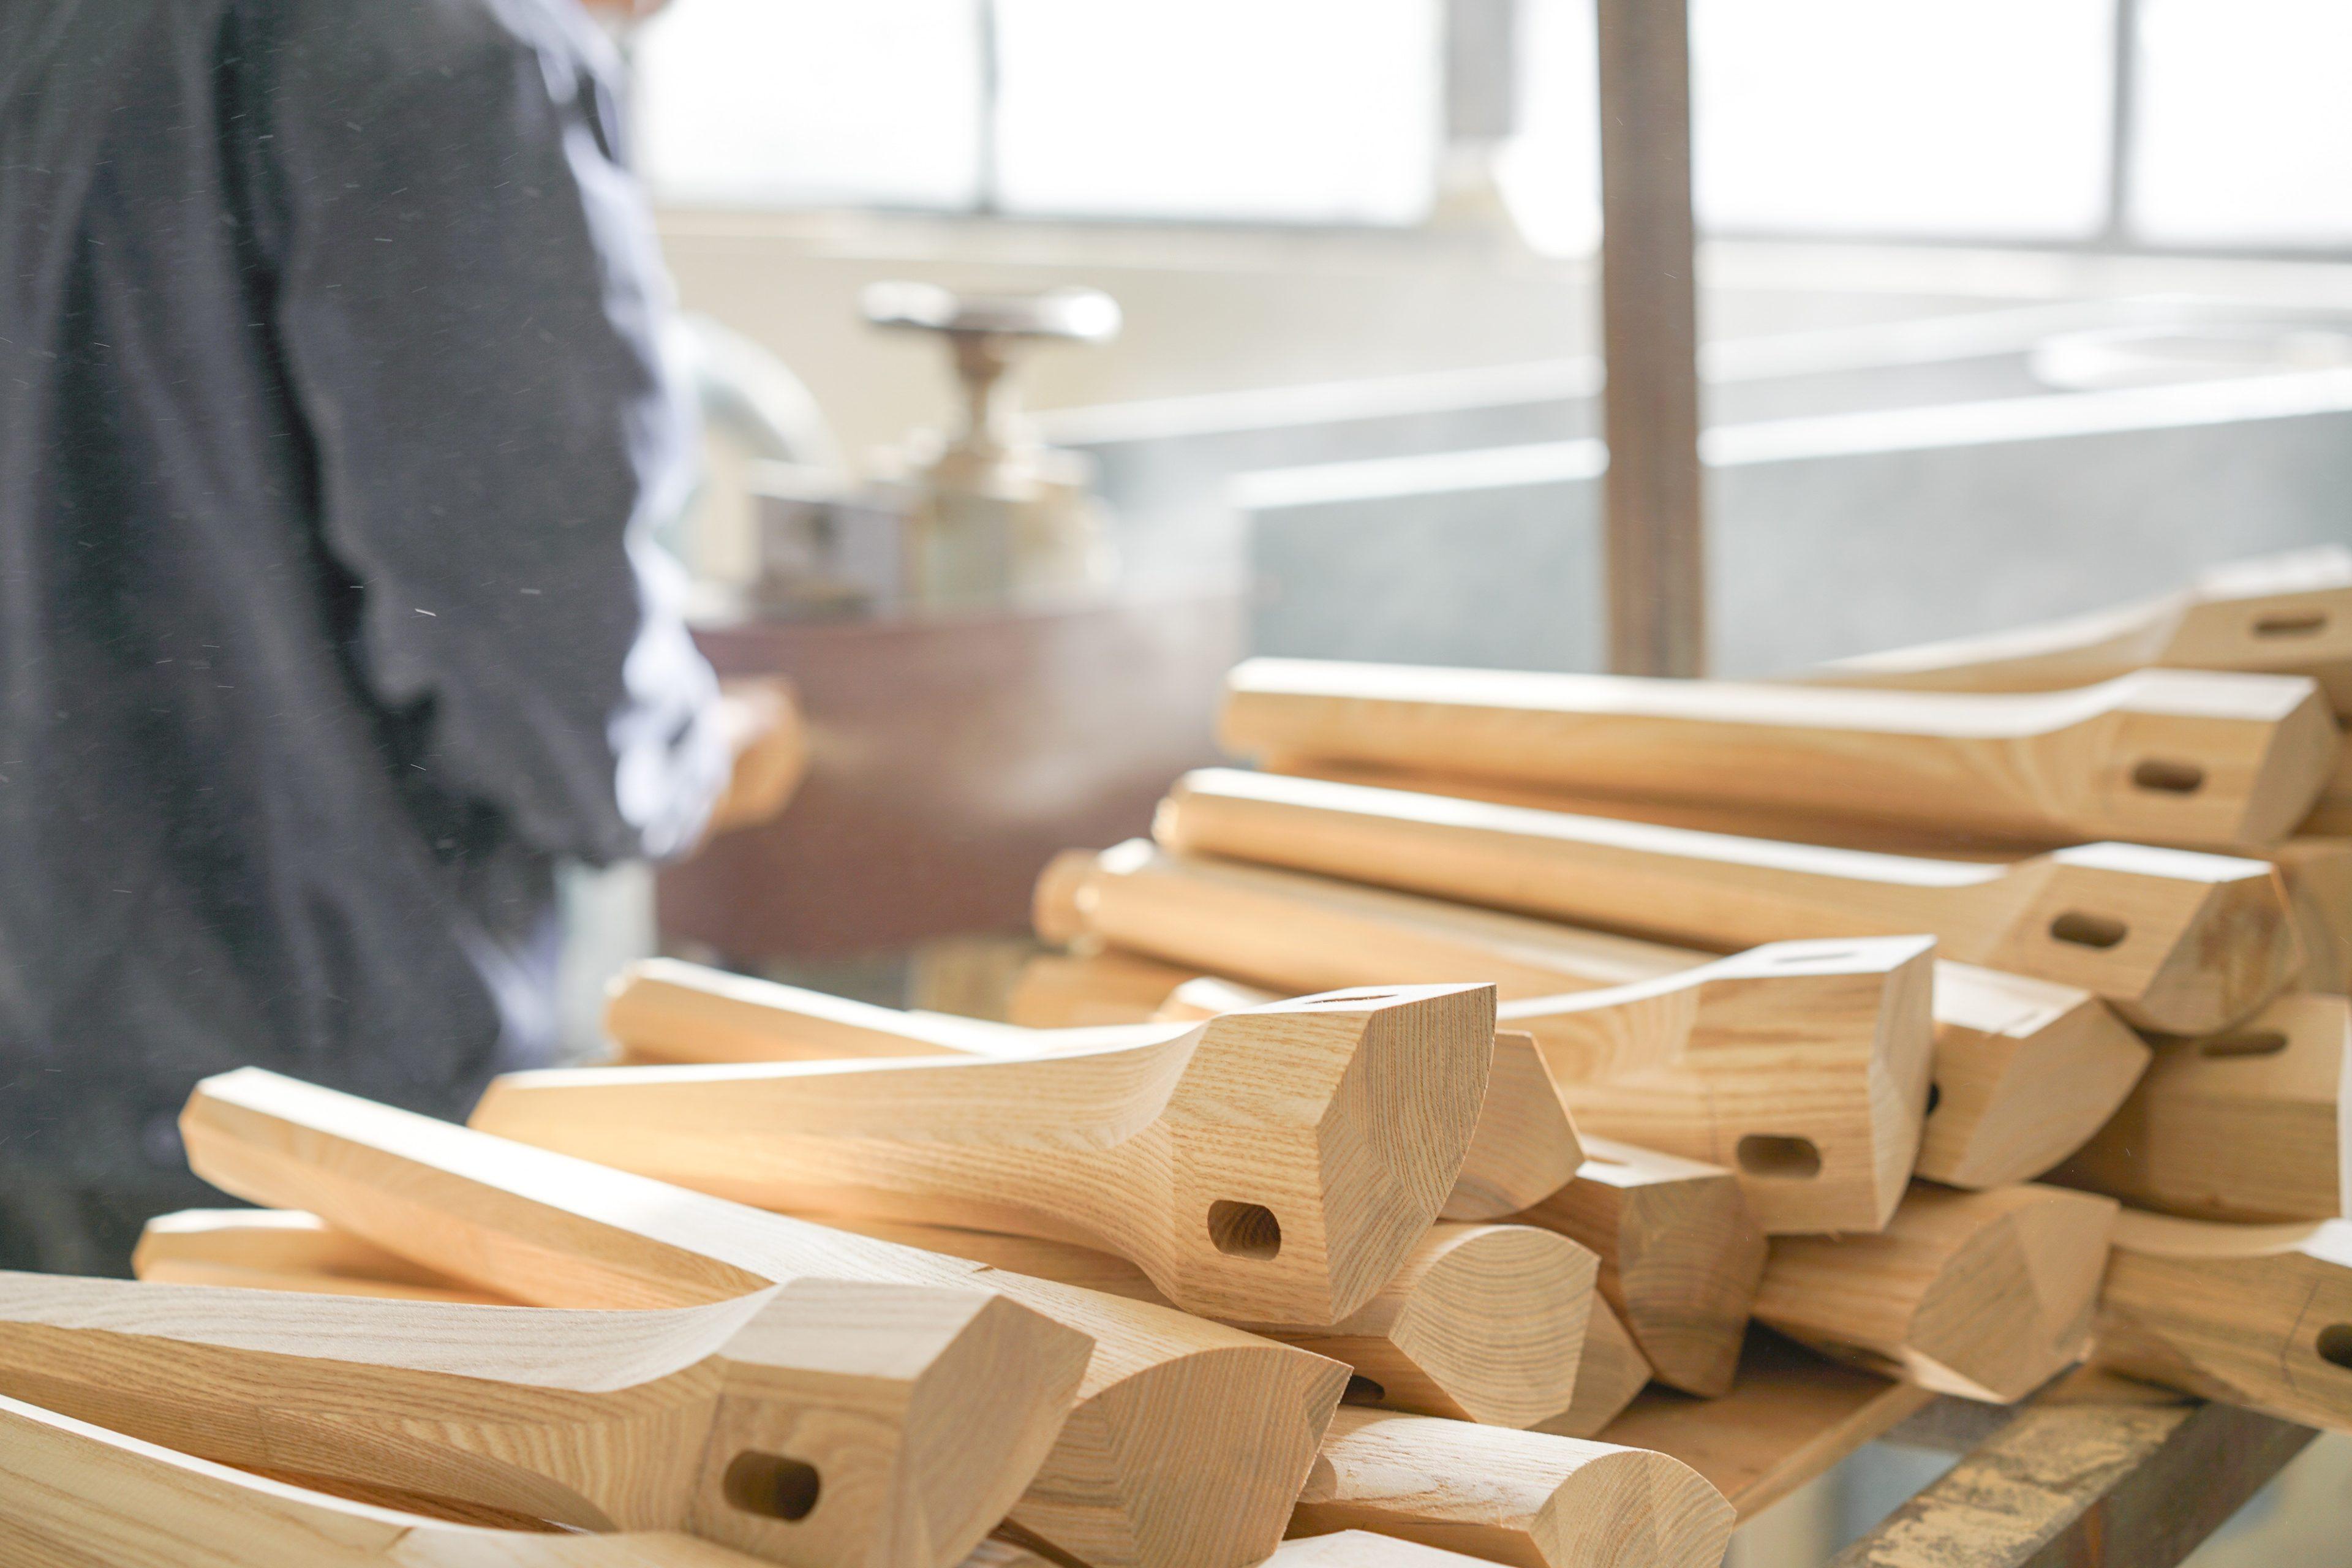 Actu les meubles grange plac s en redressement judiciaire - Meubles grange ...